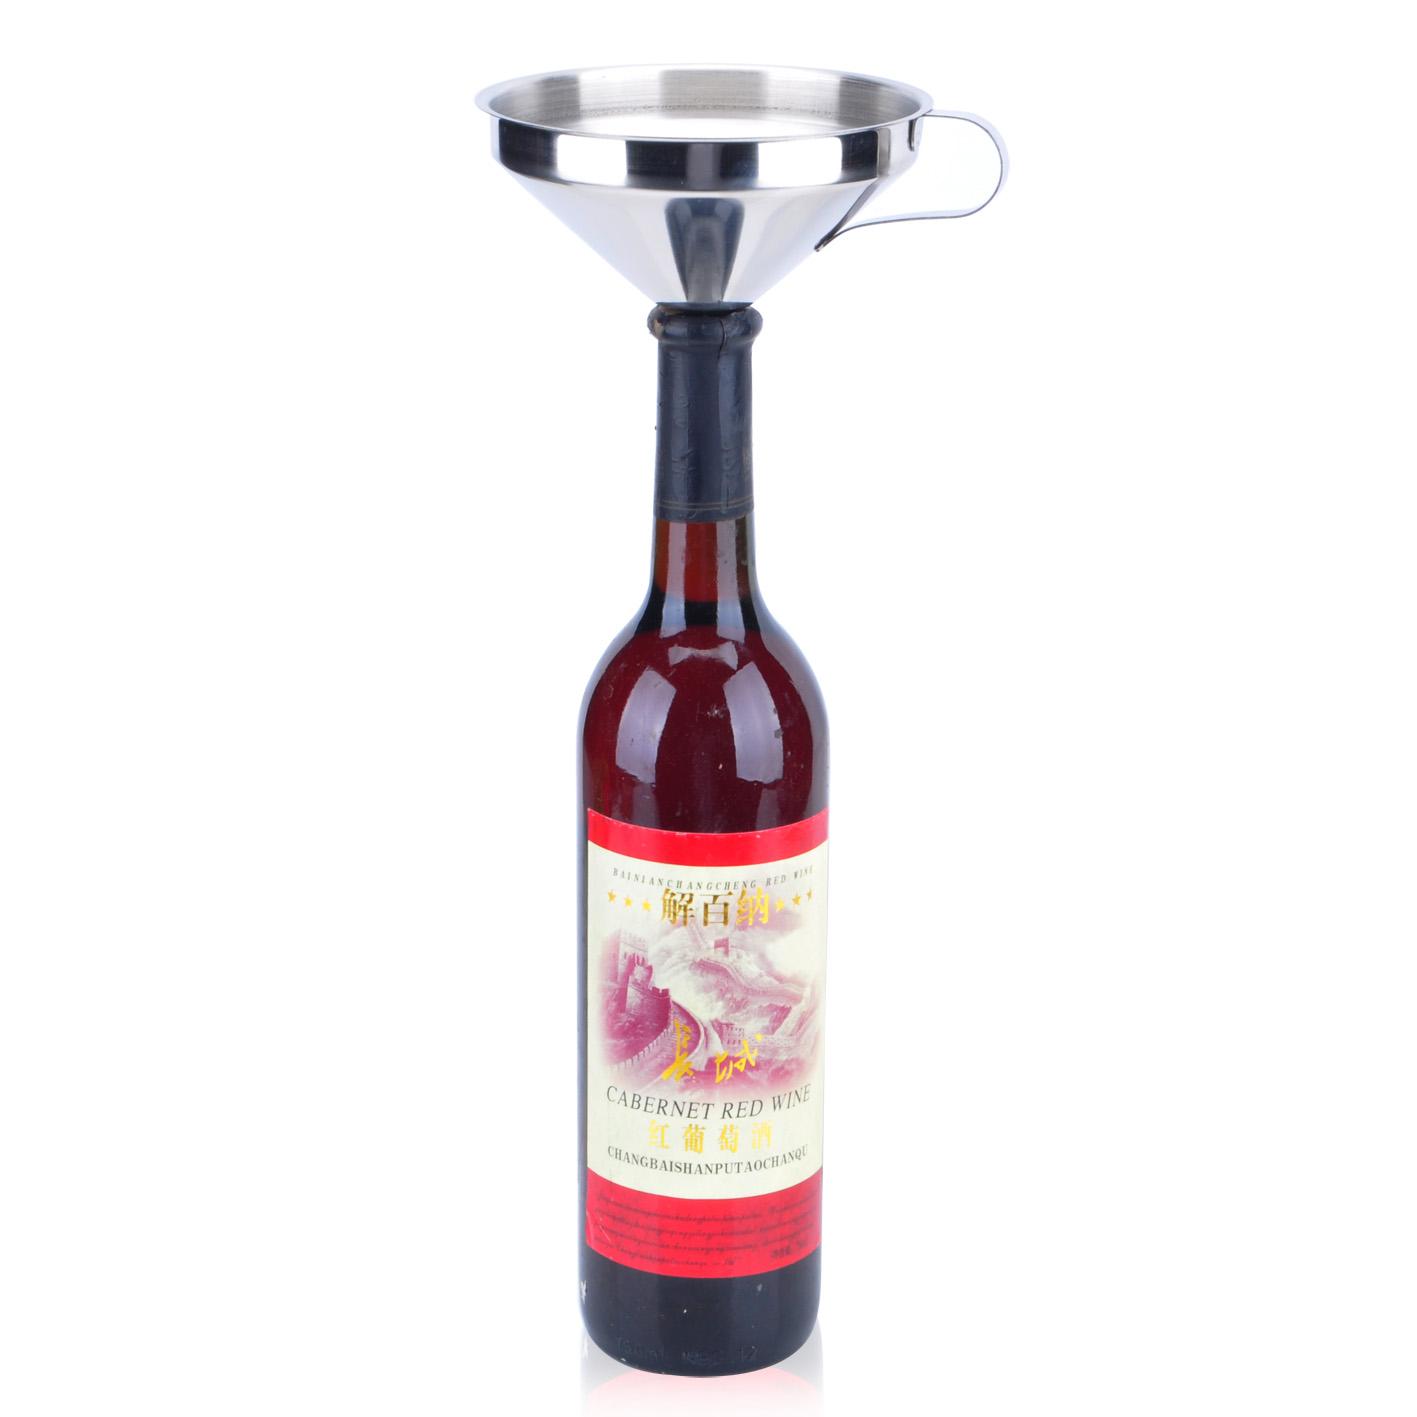 中号直径12.8CM加厚金属漏斗油漏实用酒漏醋酱冲孔网酒具厨房用品